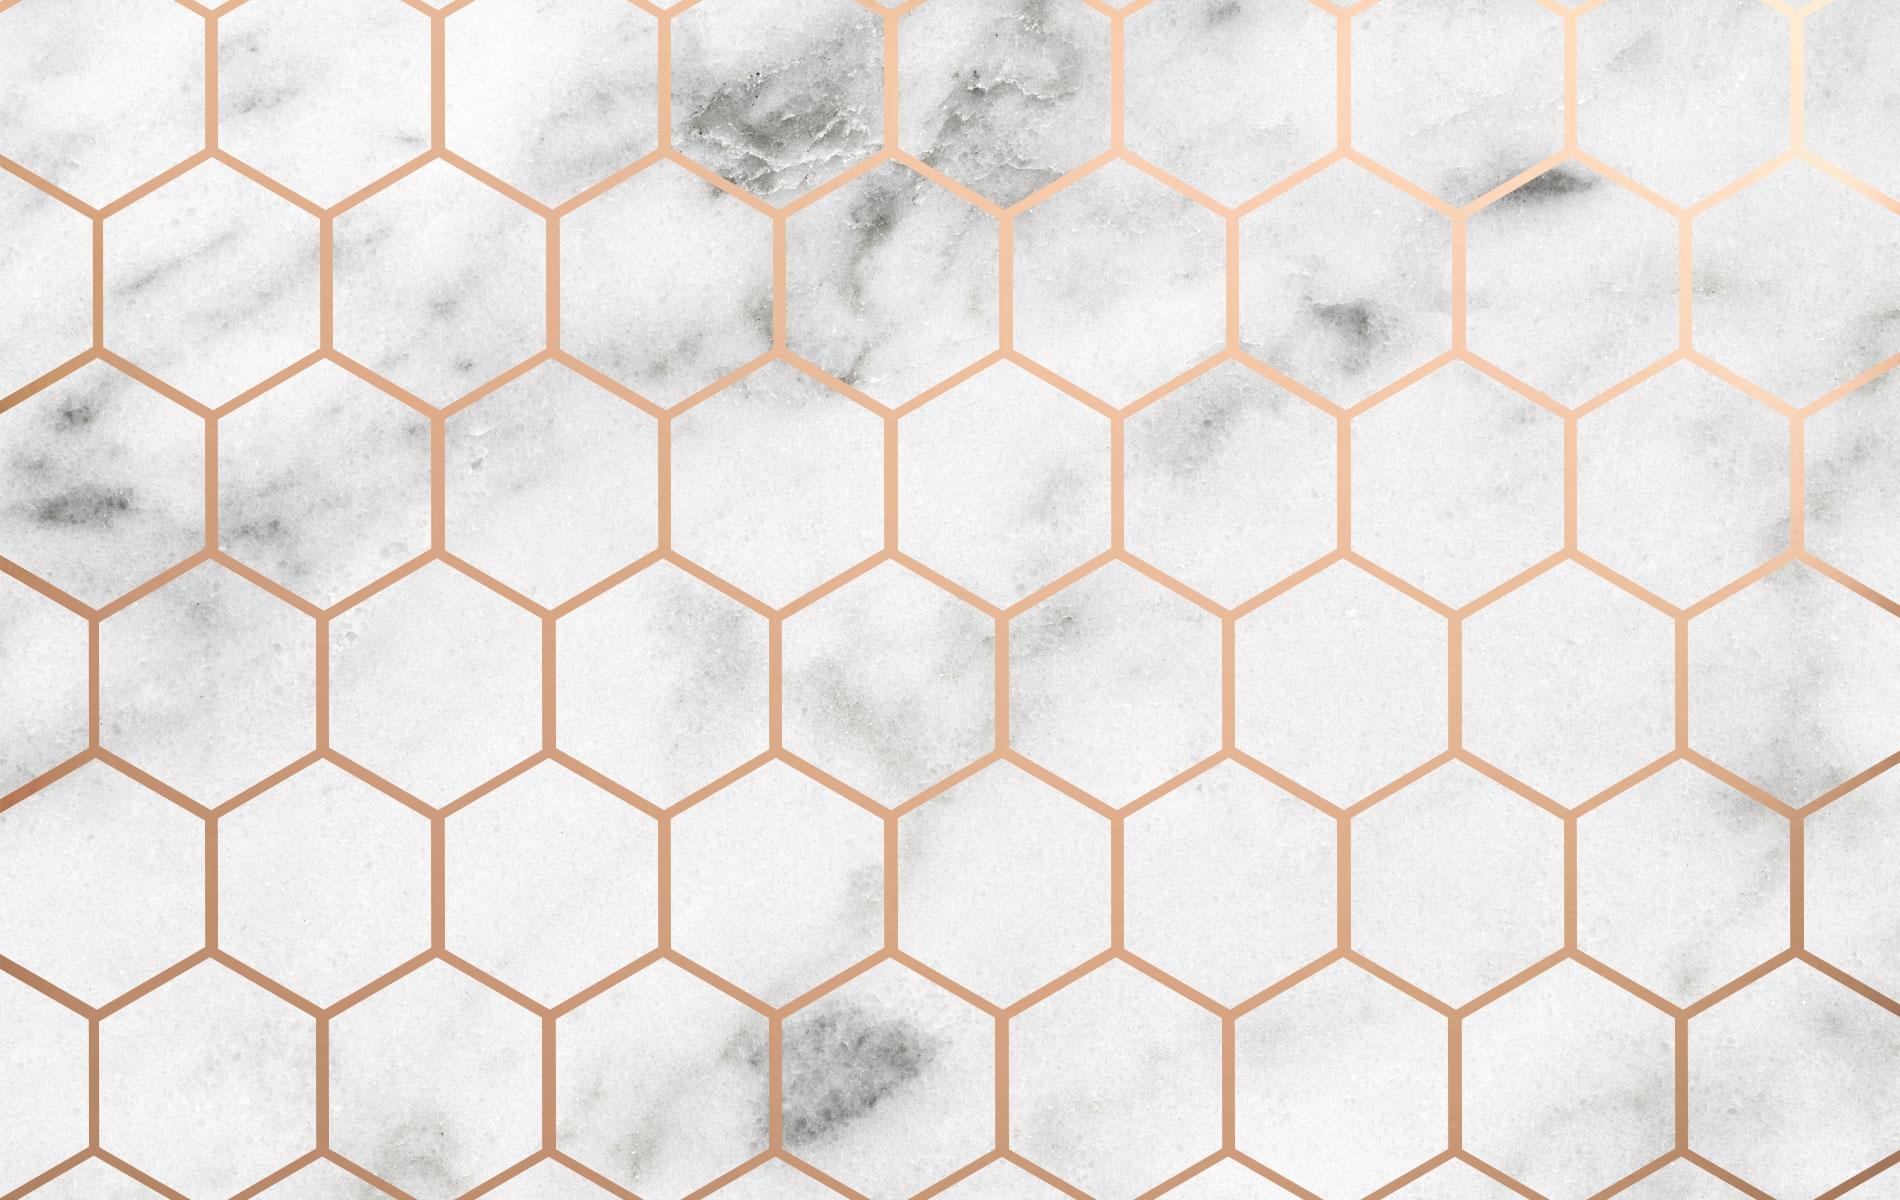 rose gold marble desktop wallpaper for your computer! -designed